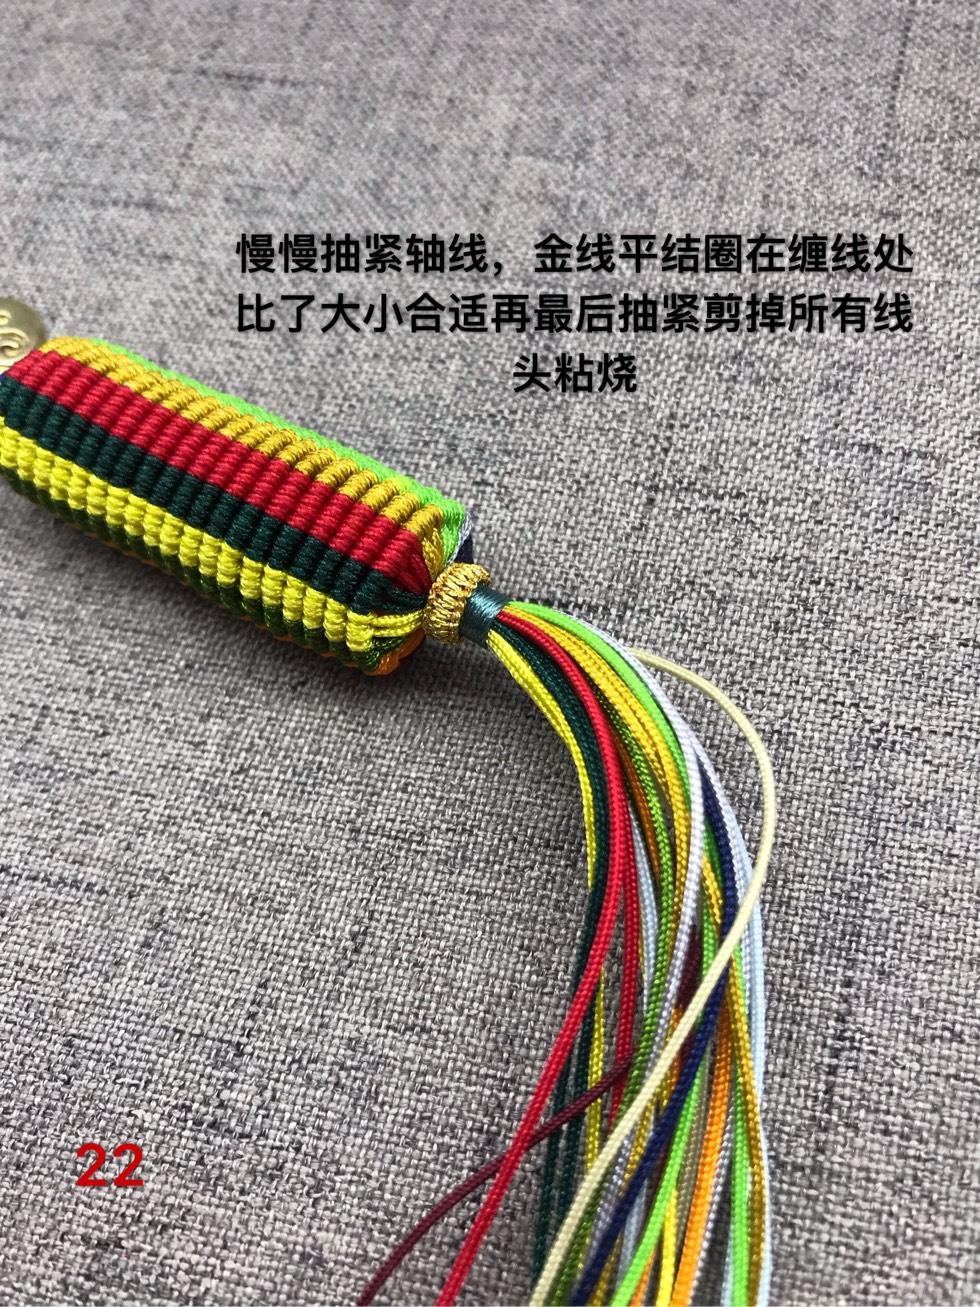 中国结论坛 迷你藏式转经筒  图文教程区 135344jmnb391c1snickuk